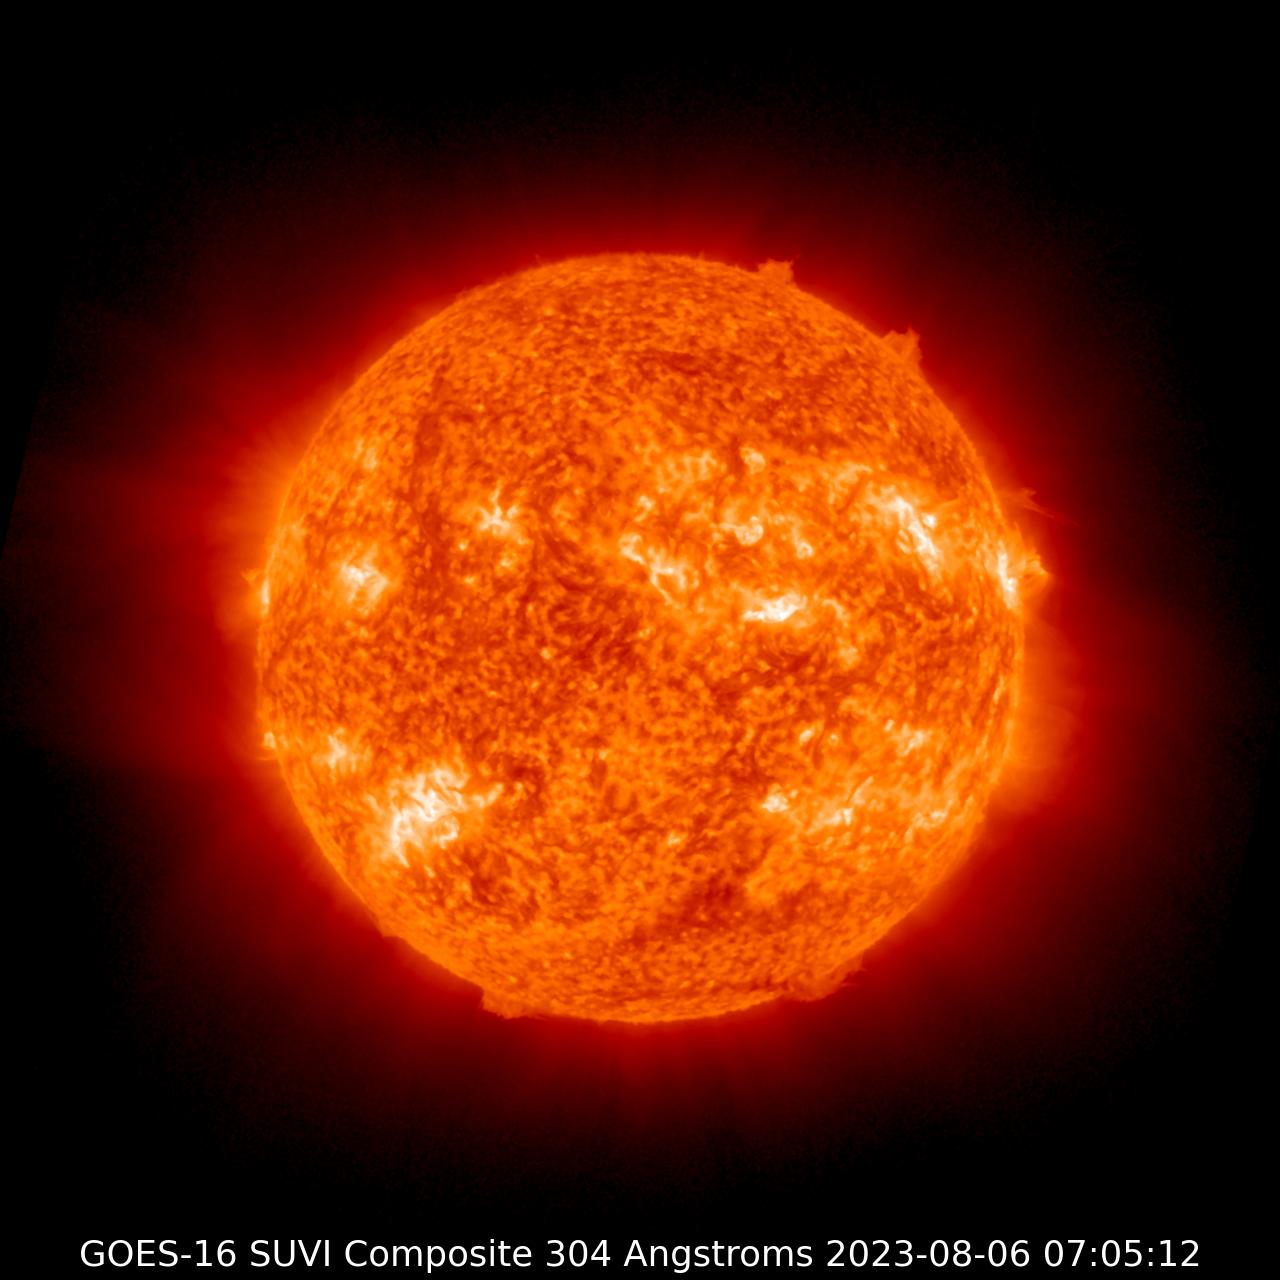 GOES-16 SUVI 304